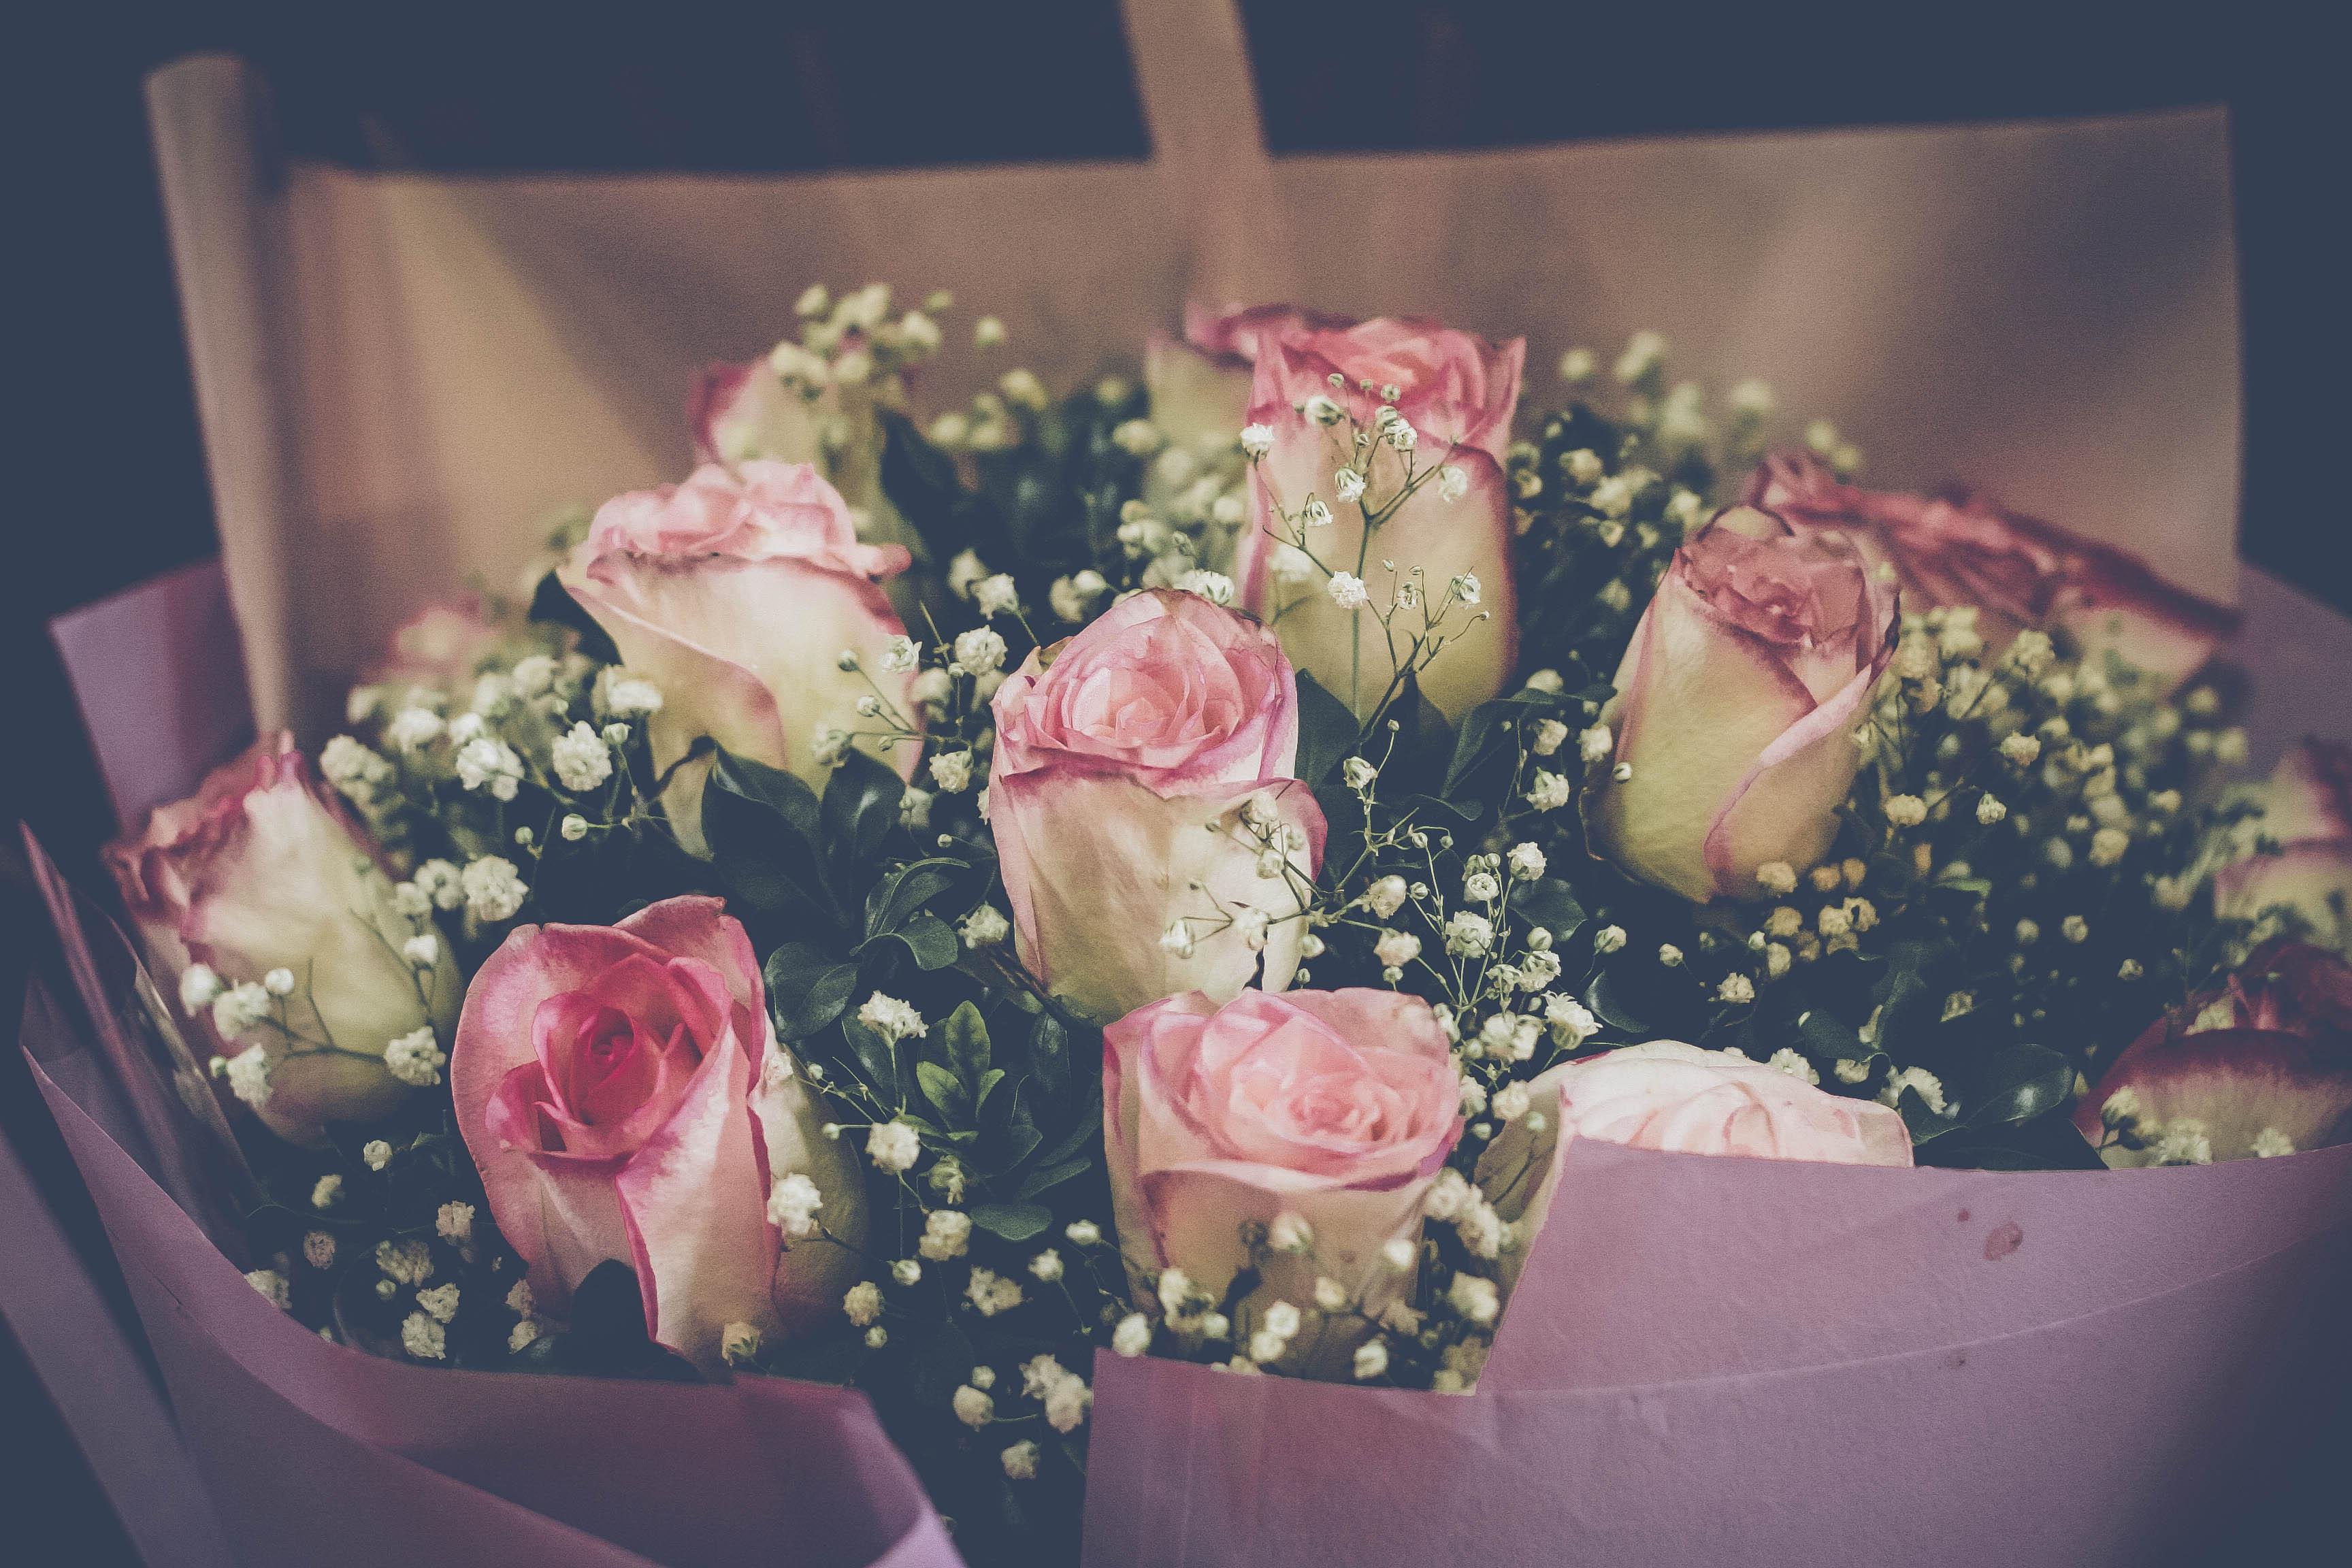 Fotos Gratis Flores Flor Arreglos Florales Rosado